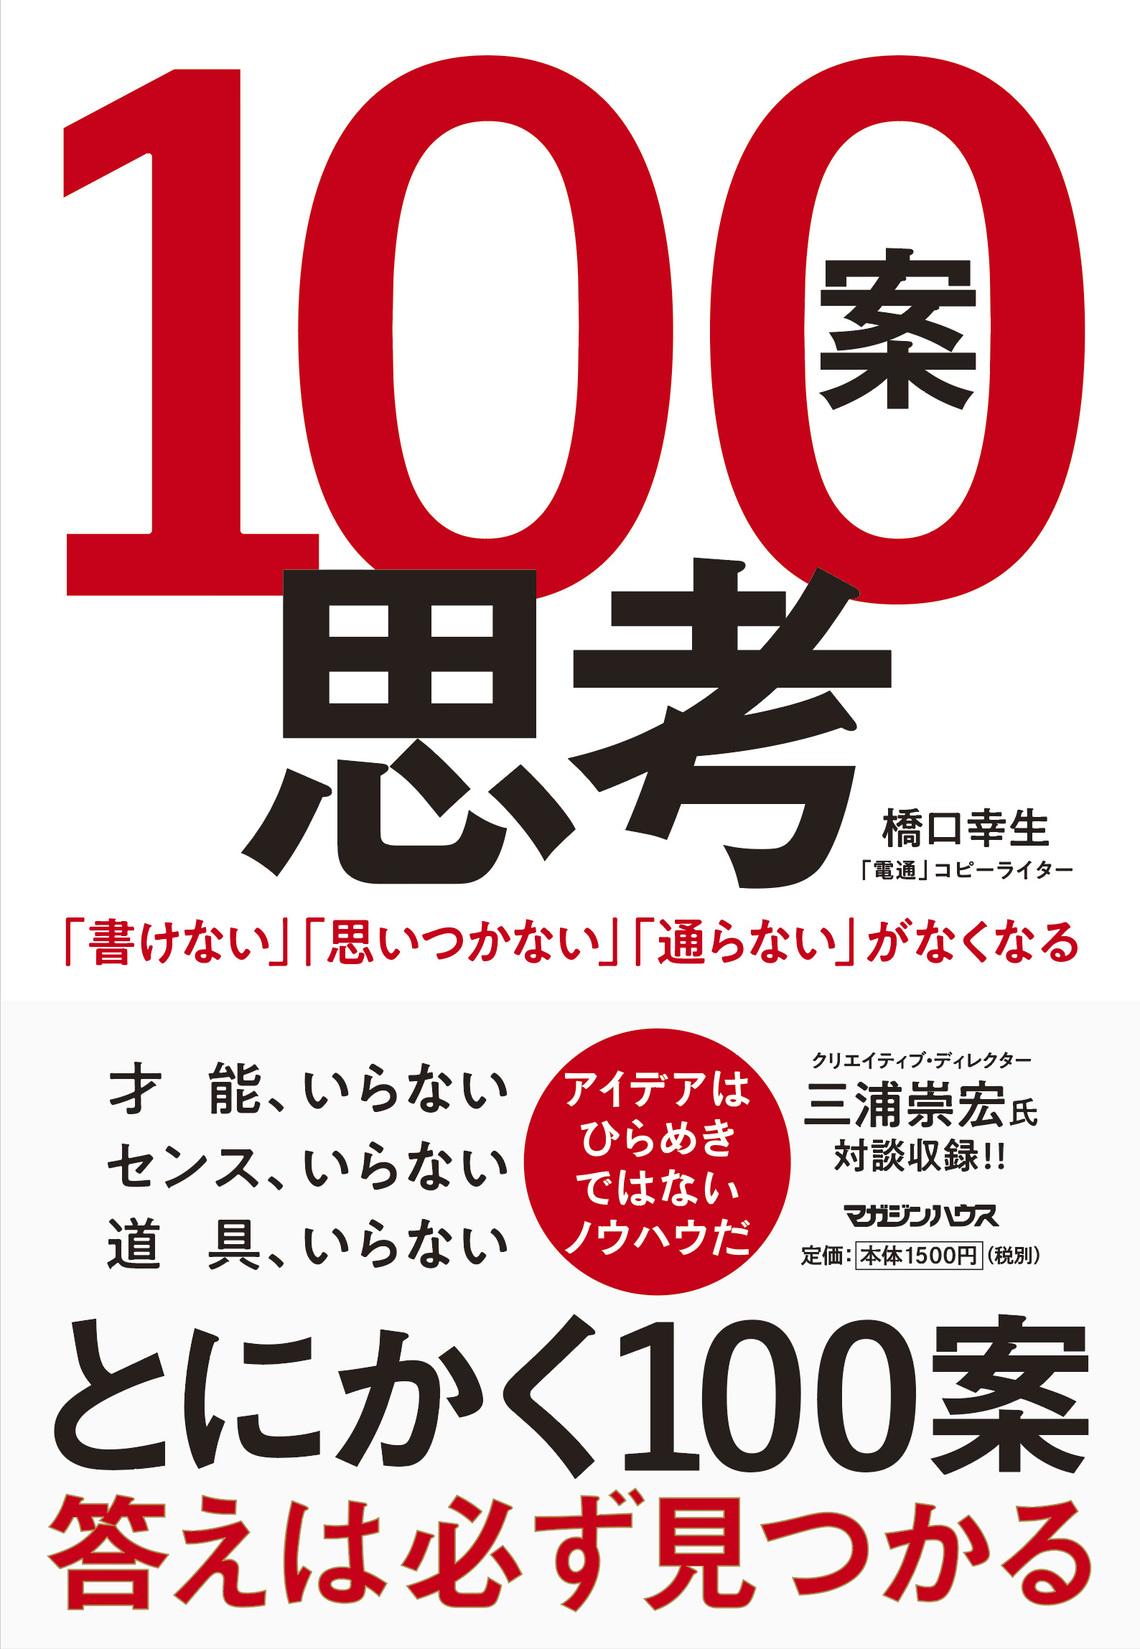 100案思考